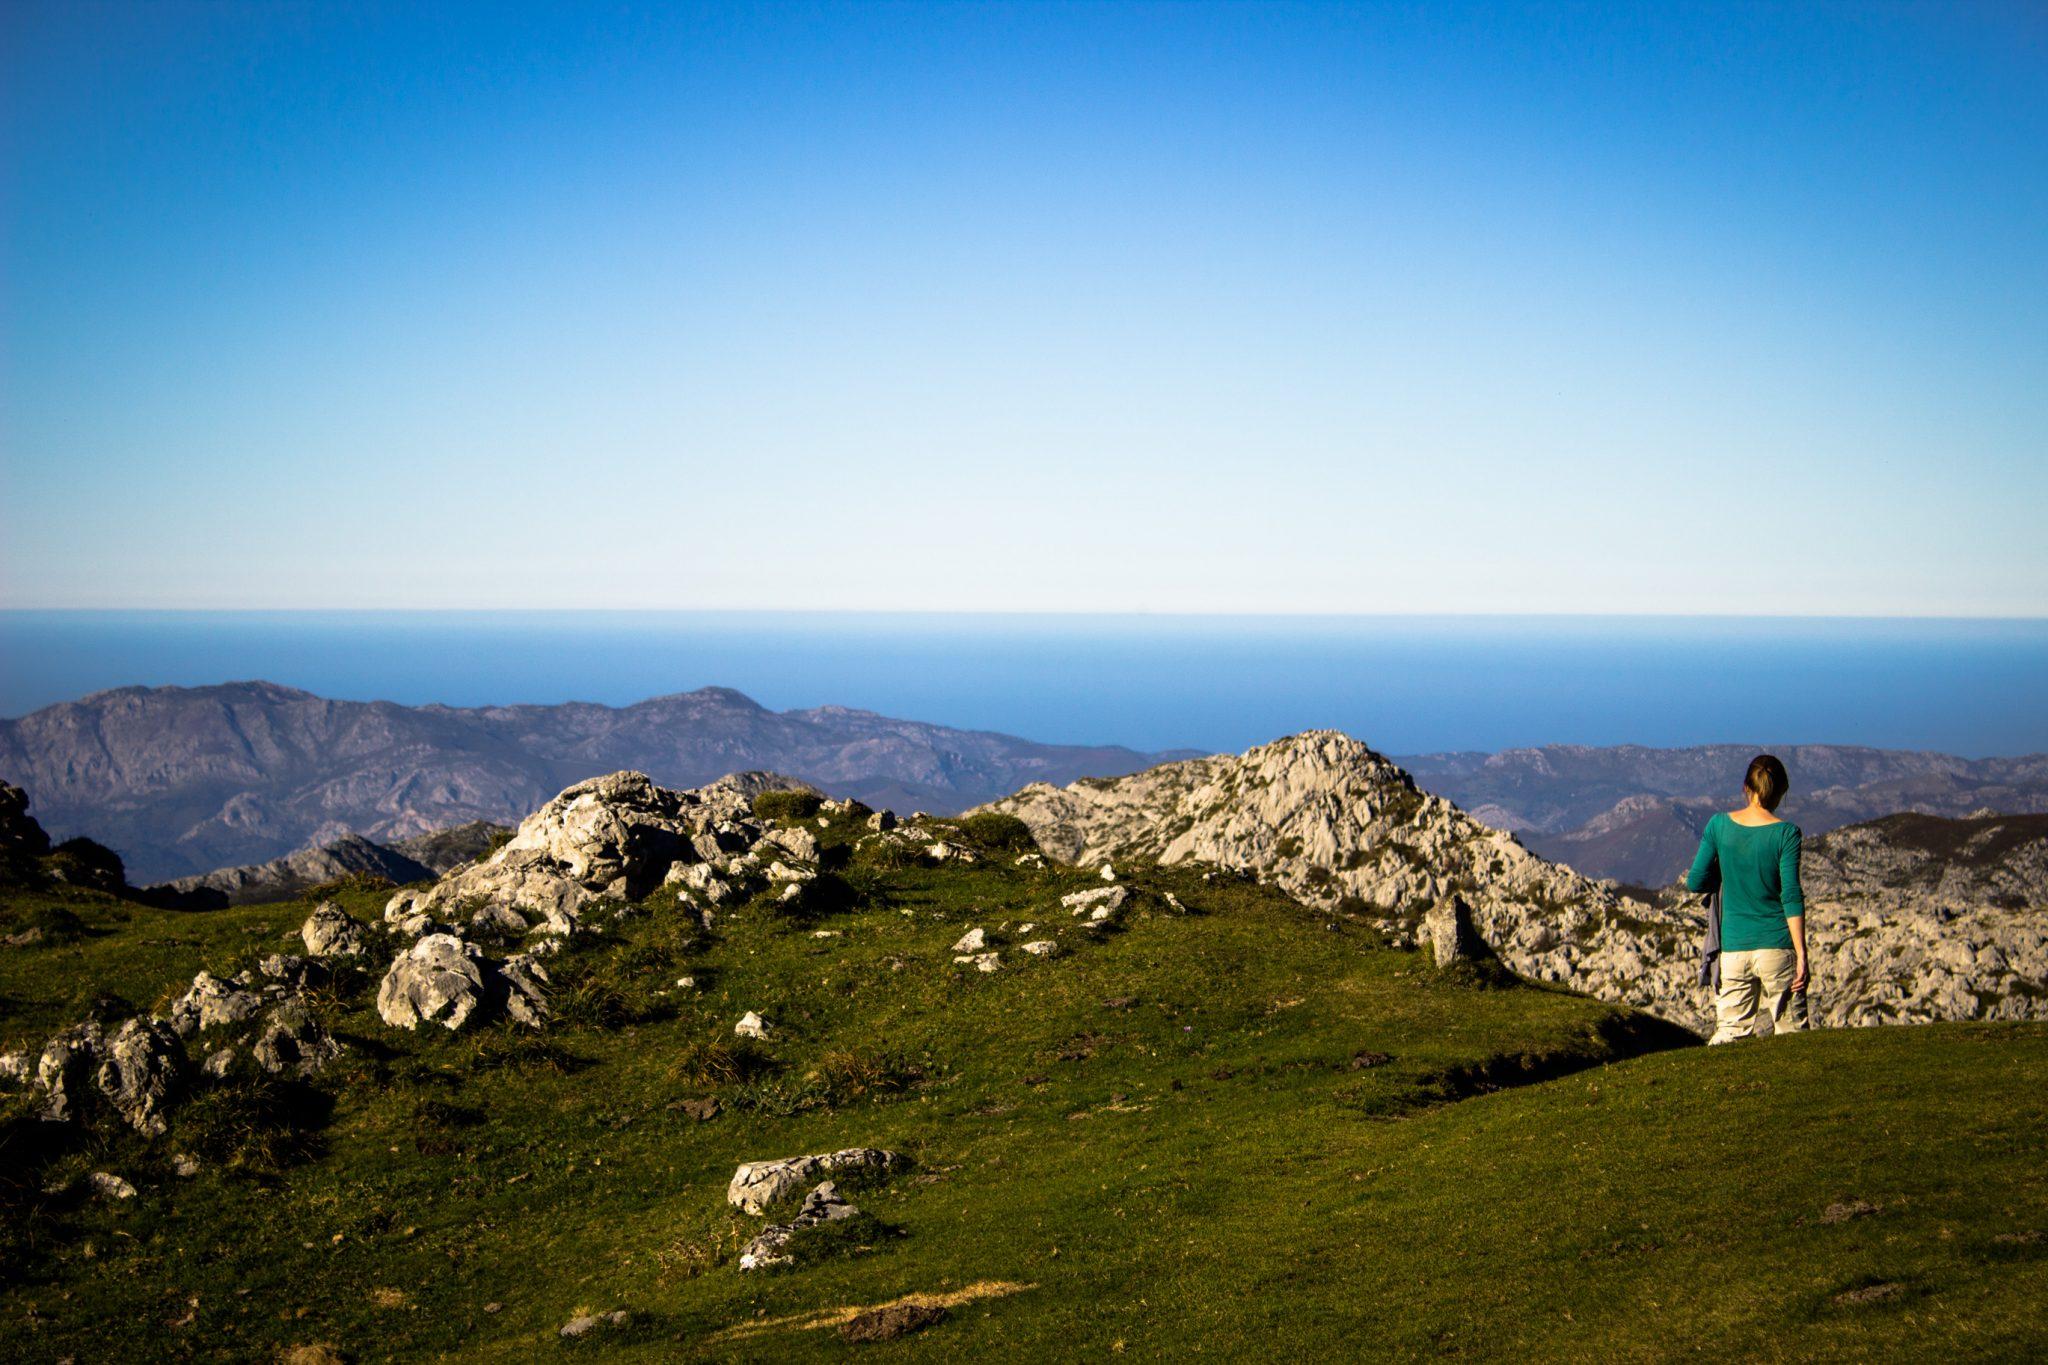 Wanderung Mirador de Ordiales Picos de Europa Spanien, schöner sehr schmaler und einsamer Wanderweg in Bergregion am Hang, Aussicht bis auf das Meer, atlantischer Ozean, Nationalpark im Norden Spaniens